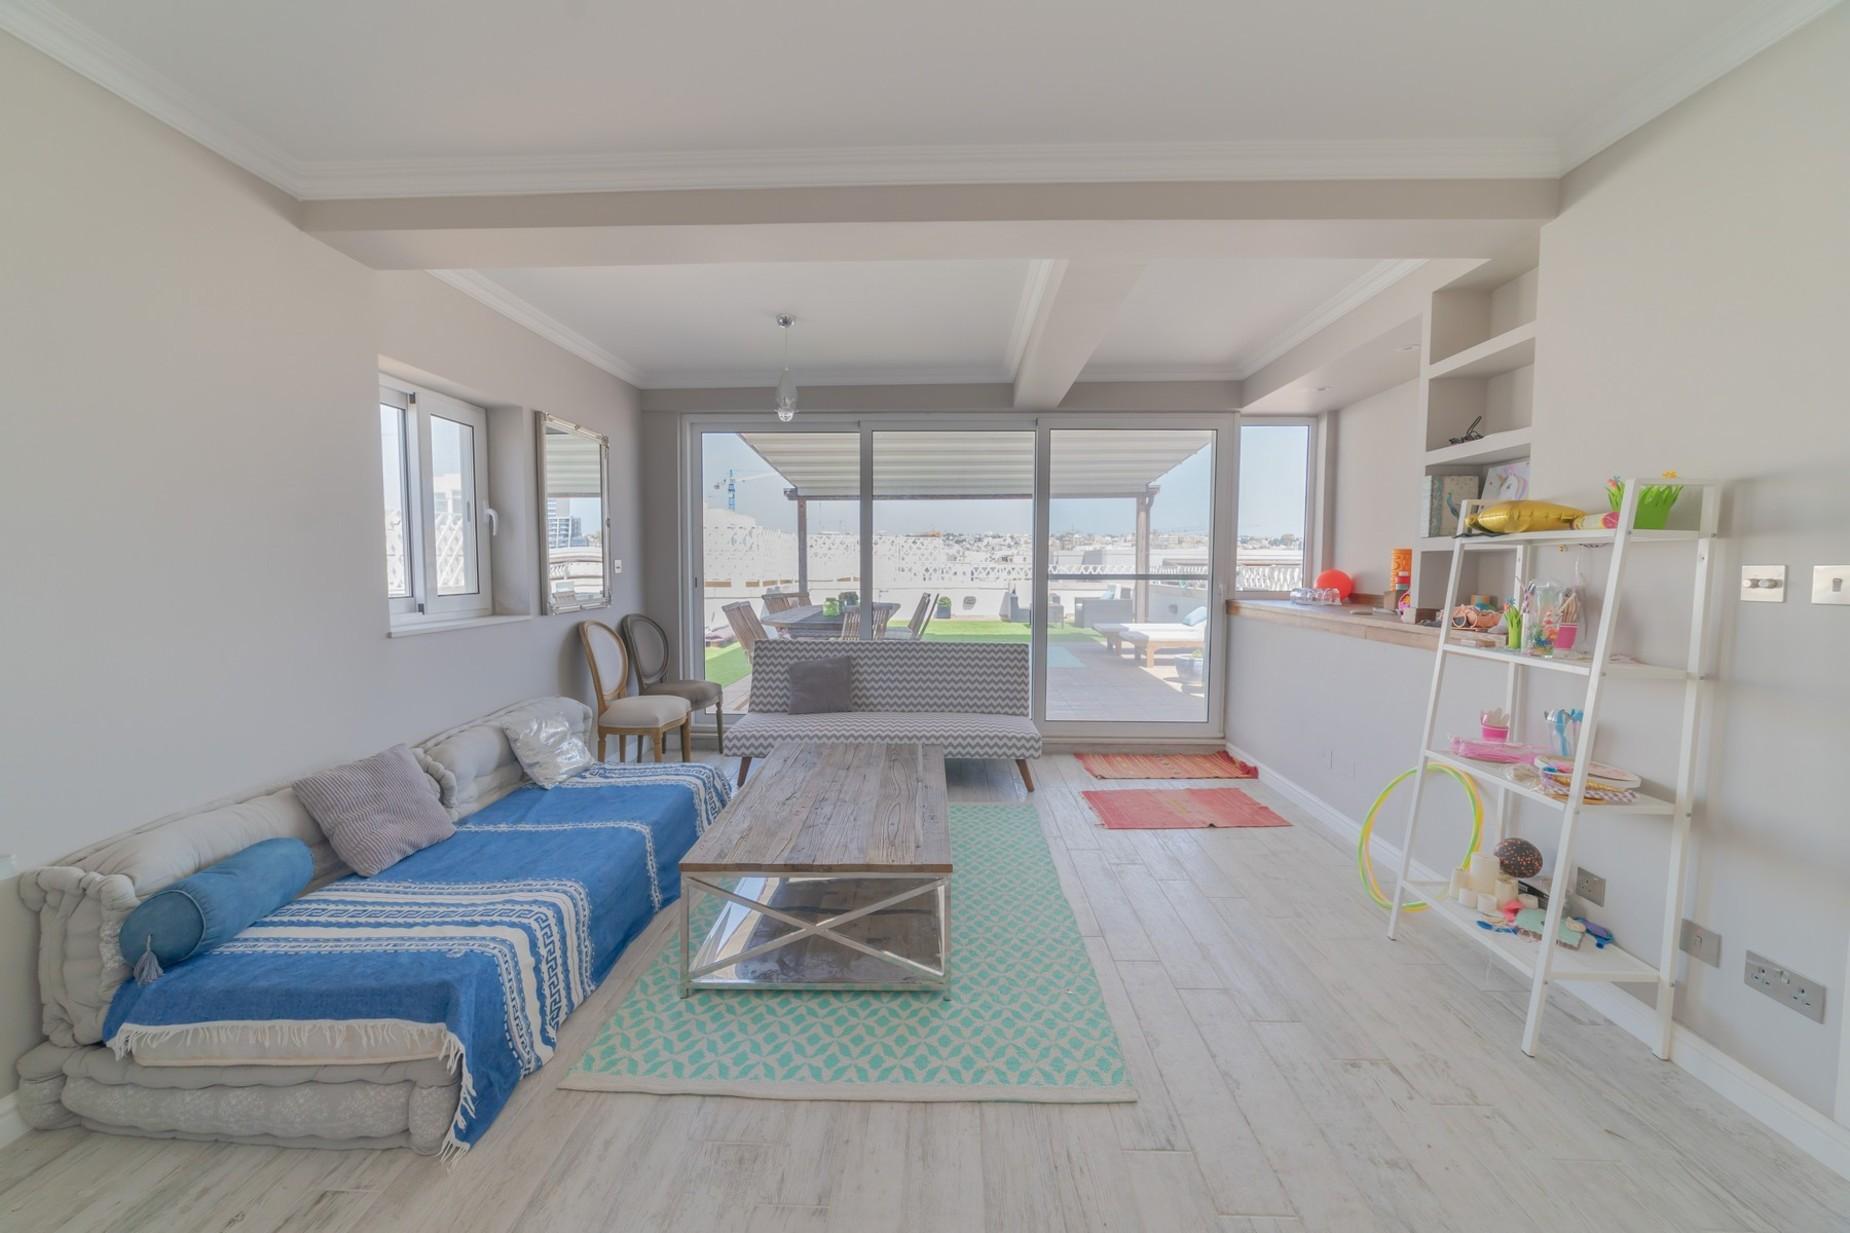 4 bed Apartment For Sale in Ta' Xbiex, Ta' Xbiex - thumb 14